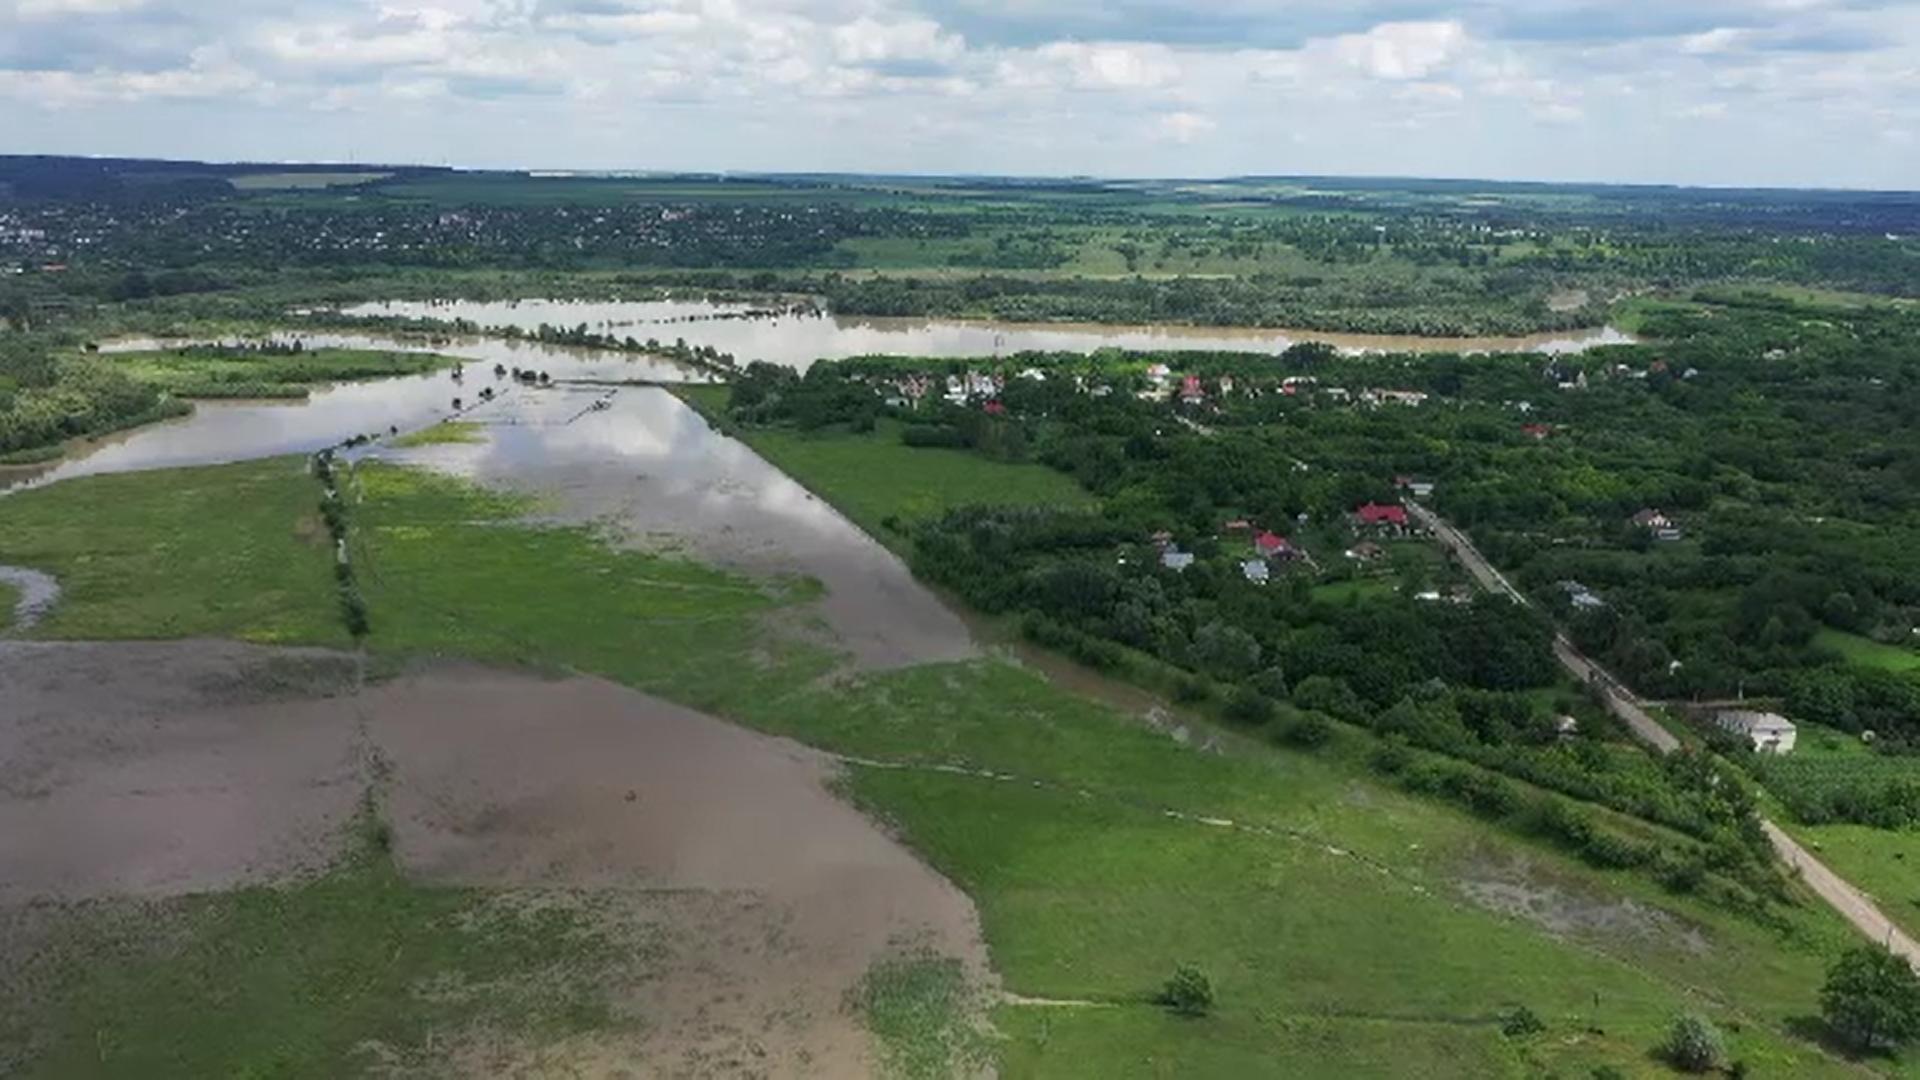 Alertă generală pe Prut. Hidrologii au emis cod roșu de inundații până vineri